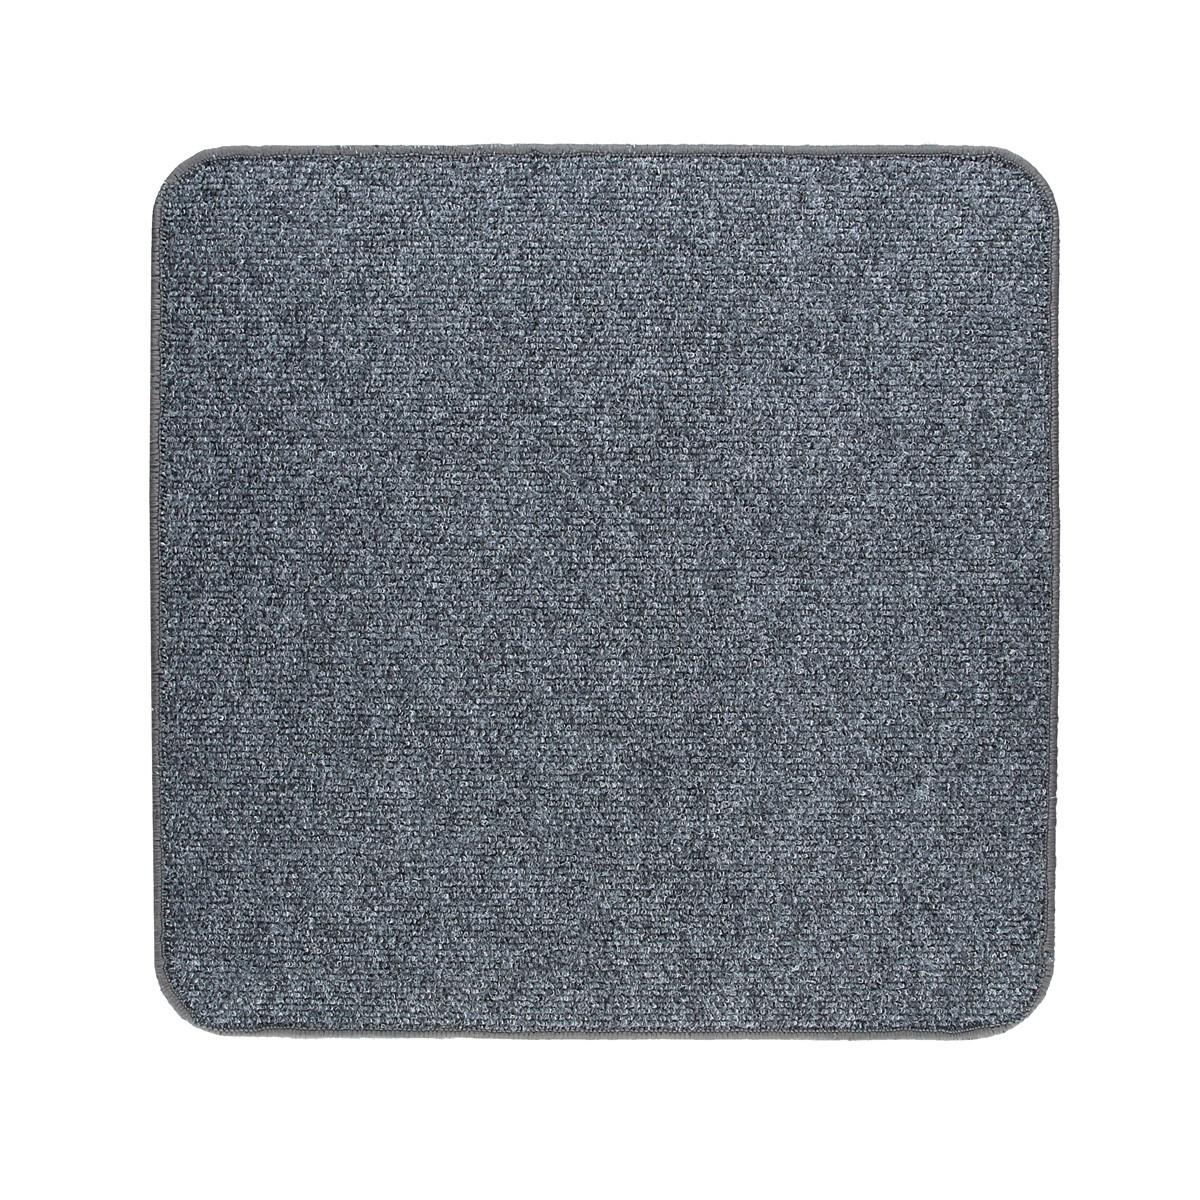 Електричний килимок з підігрівом Теплик з термоізоляцією 50 х 50 см Темно-сірий